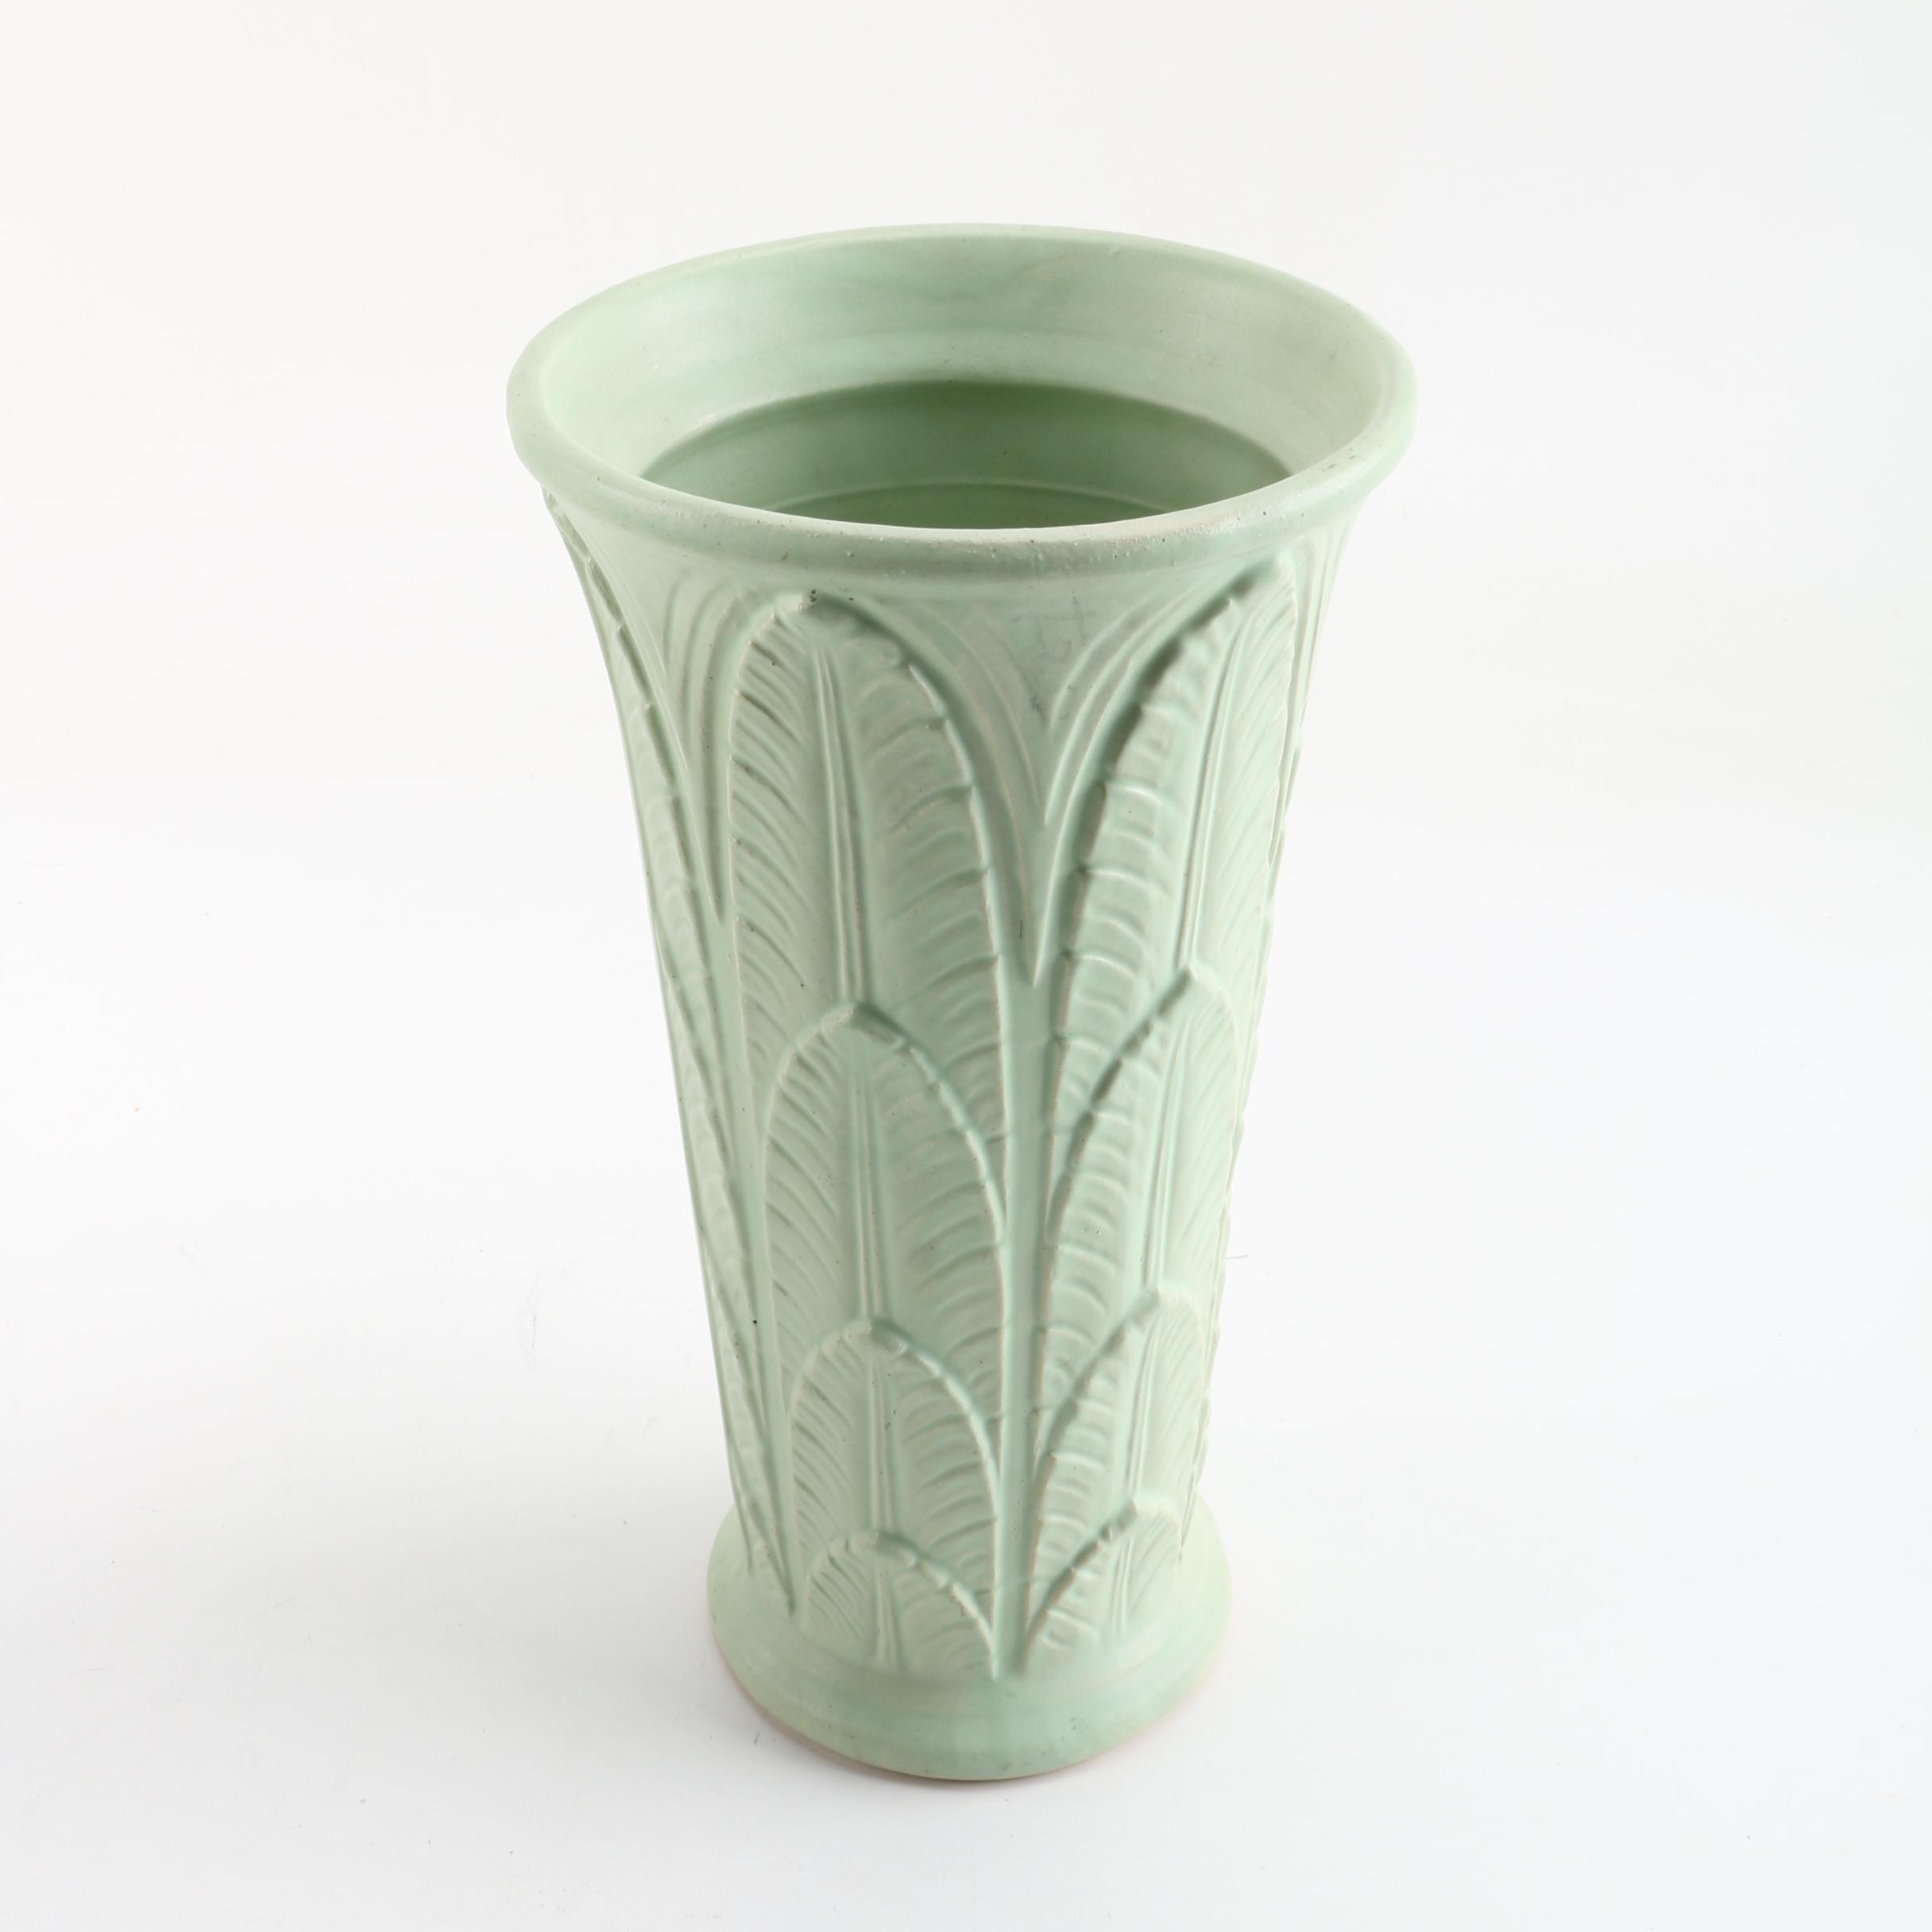 Robinson Ransbottom Pottery Palm Frond Vase